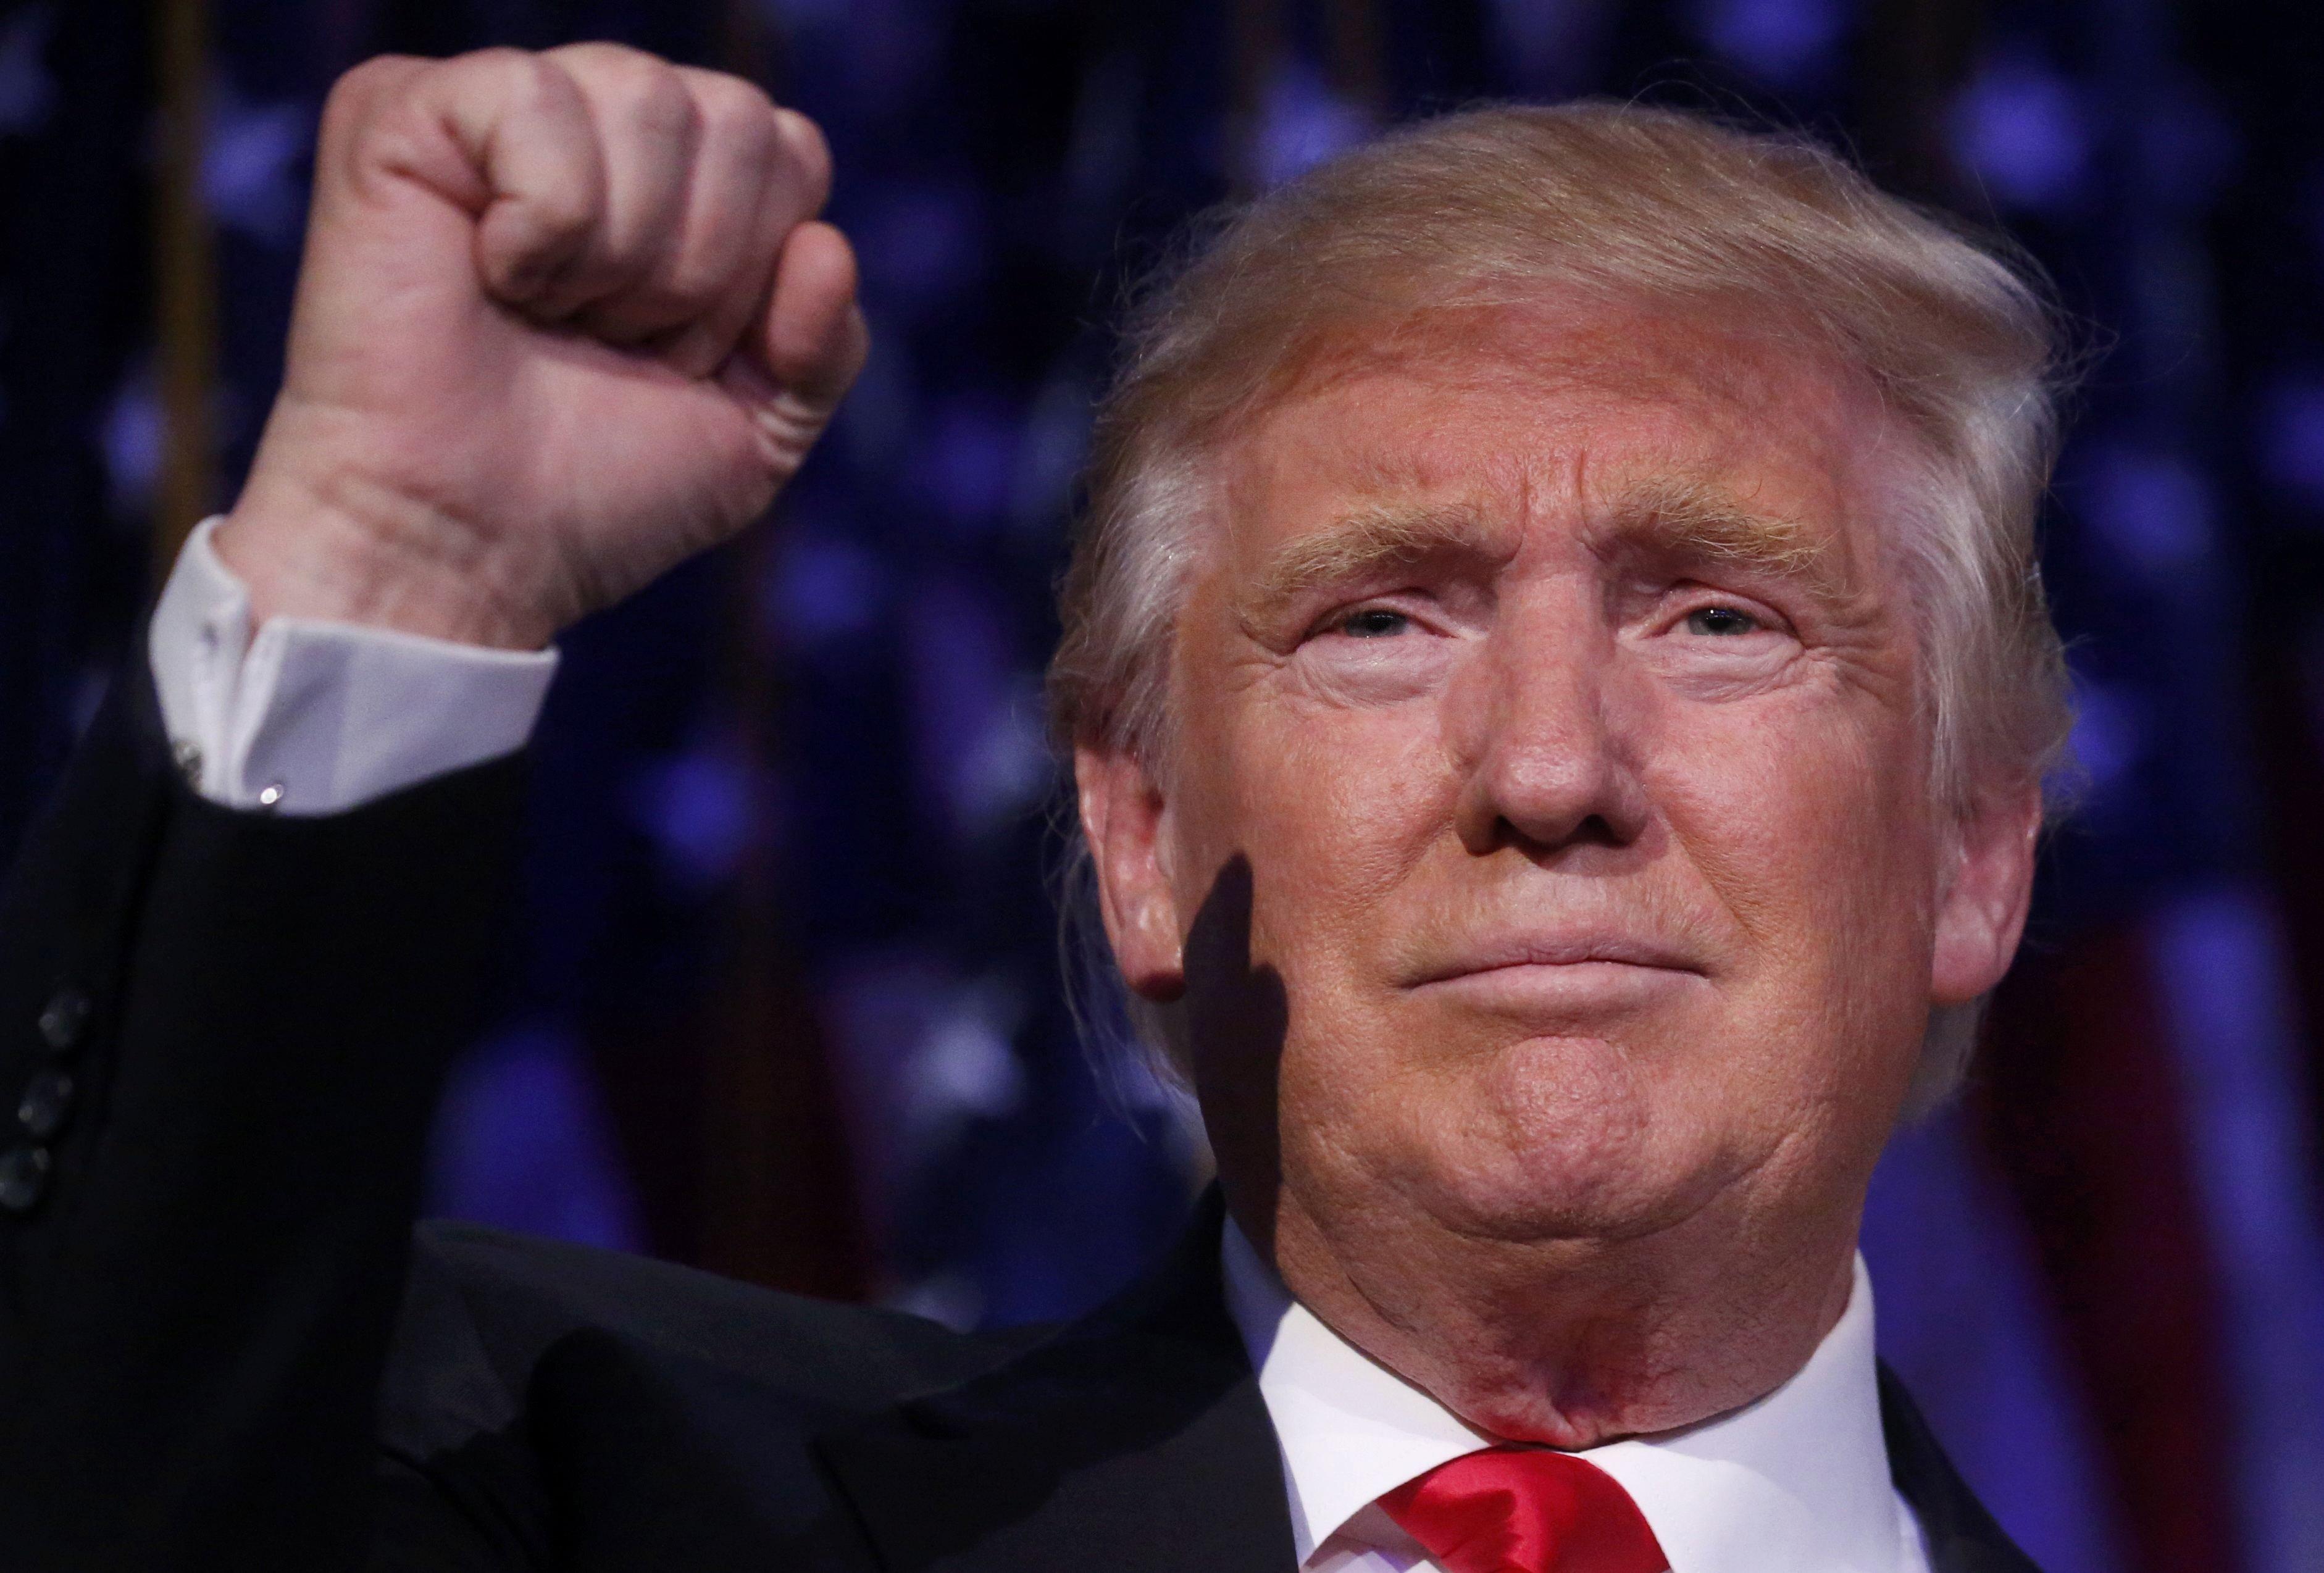 11月9日,美国共和党总统候选人唐纳德·特朗普在美国纽约的集会现场发表讲话。(新华社/路透)